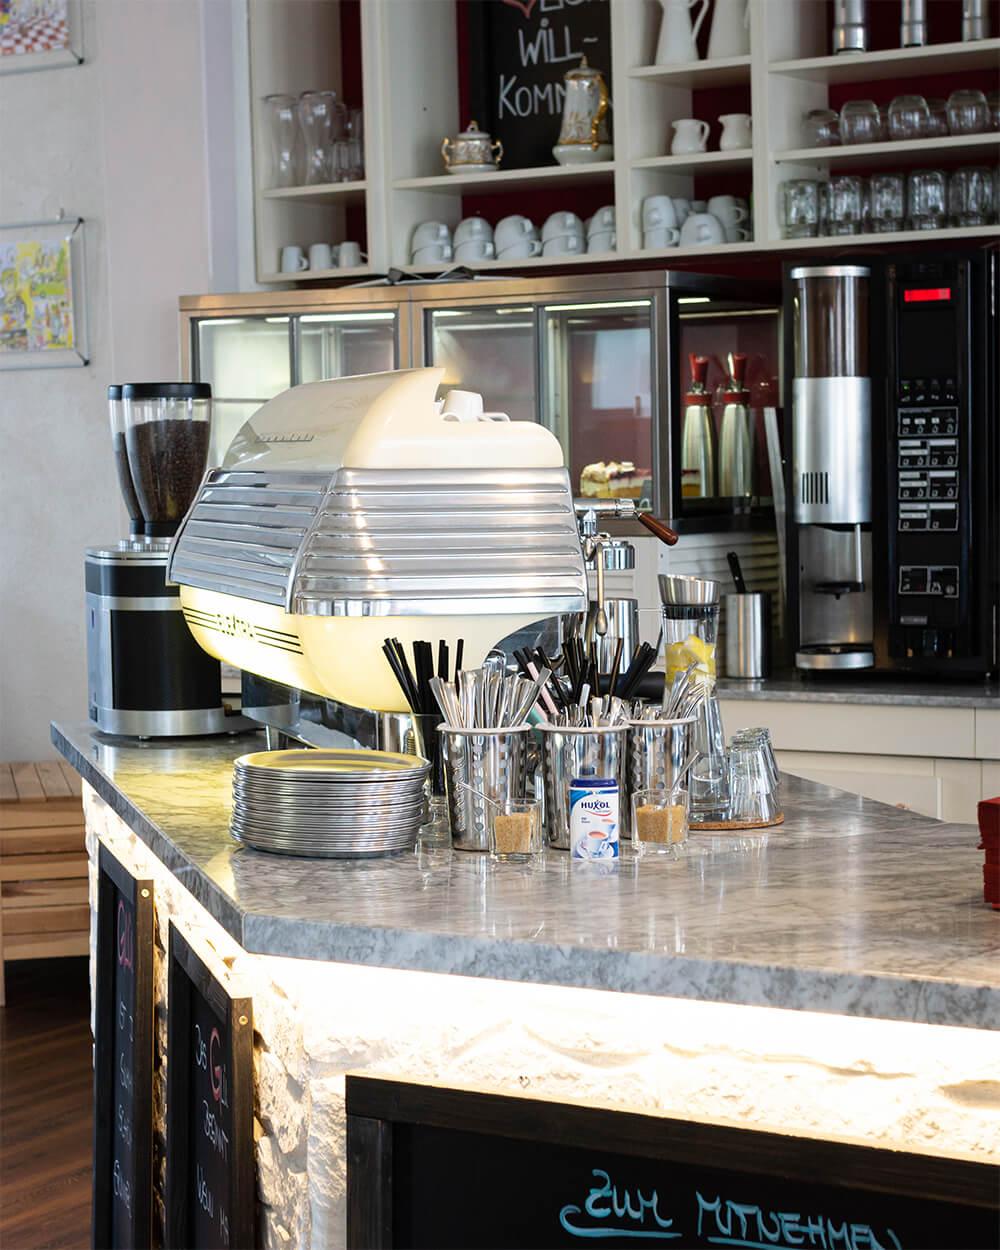 Das GlücksCafé Auerbach – ein Ort zum Wohlfühlen